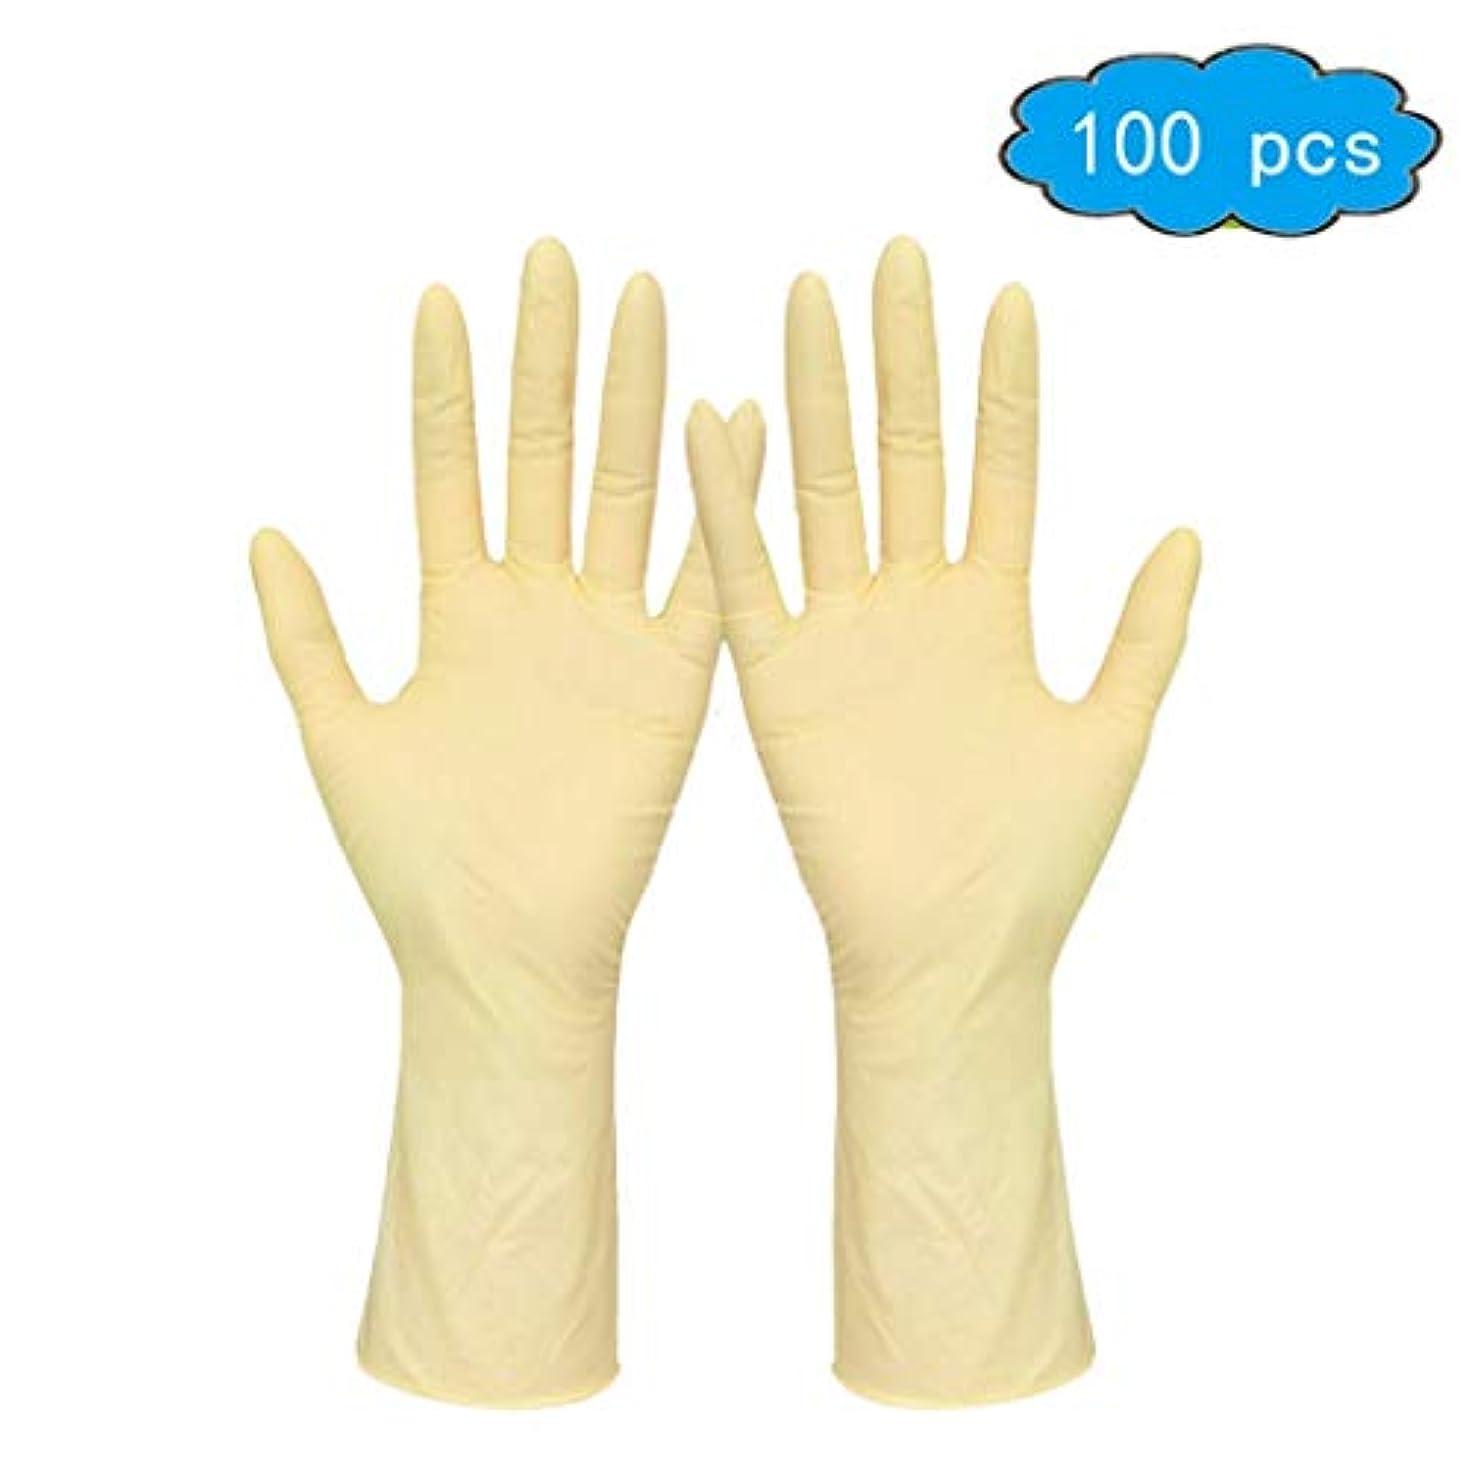 絶縁する不忠カカドゥラテックスグローブパウダーフリー/使い捨て食品準備調理用グローブ/キッチンフードサービスクリーニンググローブ(大)100手袋、非滅菌使い捨て安全手袋 (Color : Beige, Size : S)